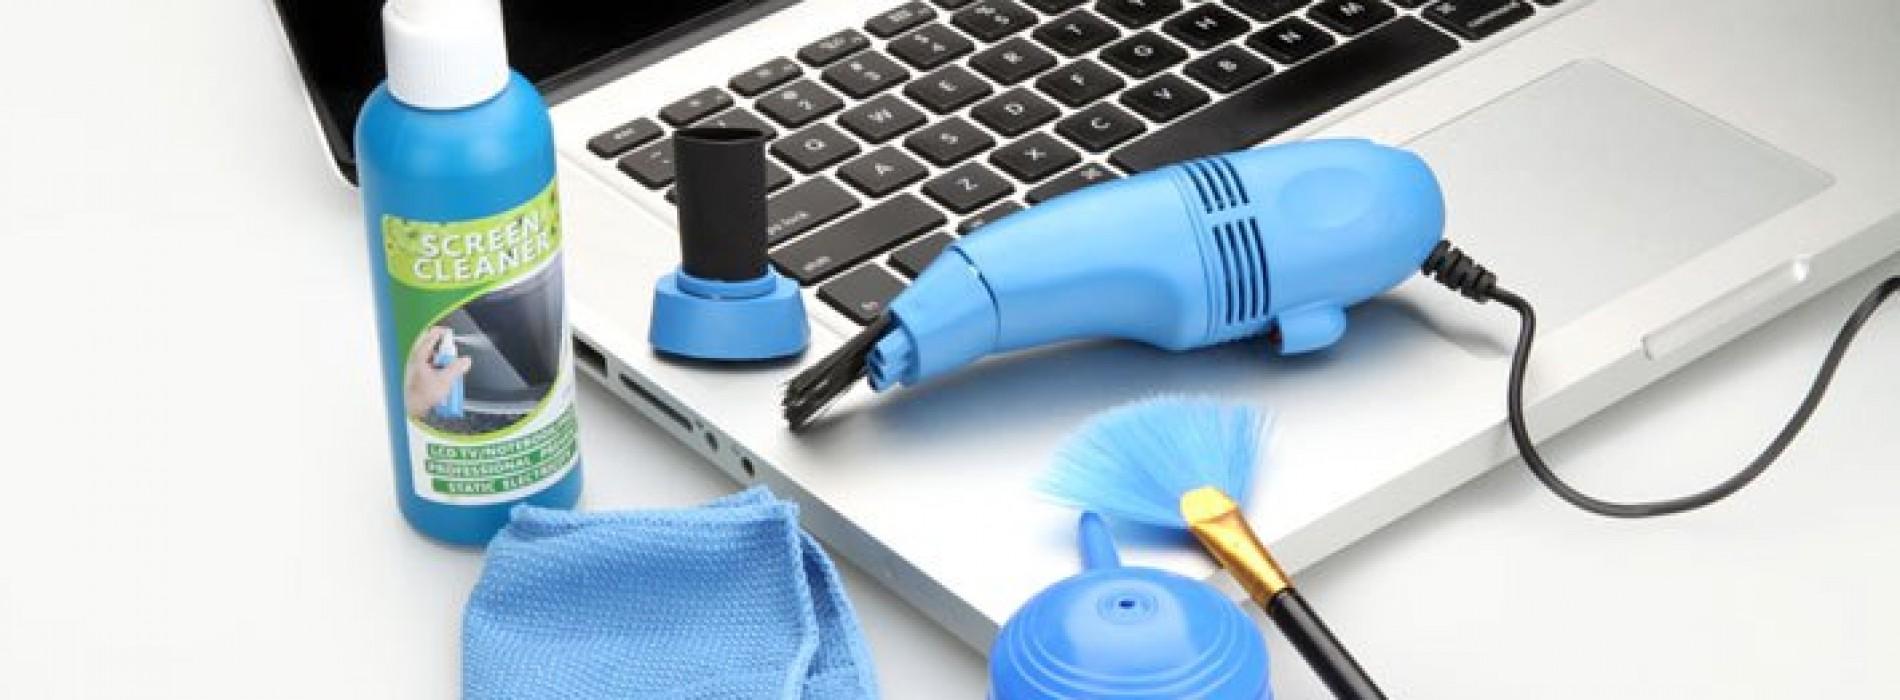 Hướng dẫn các bước làm vệ sinh bàn phím laptop